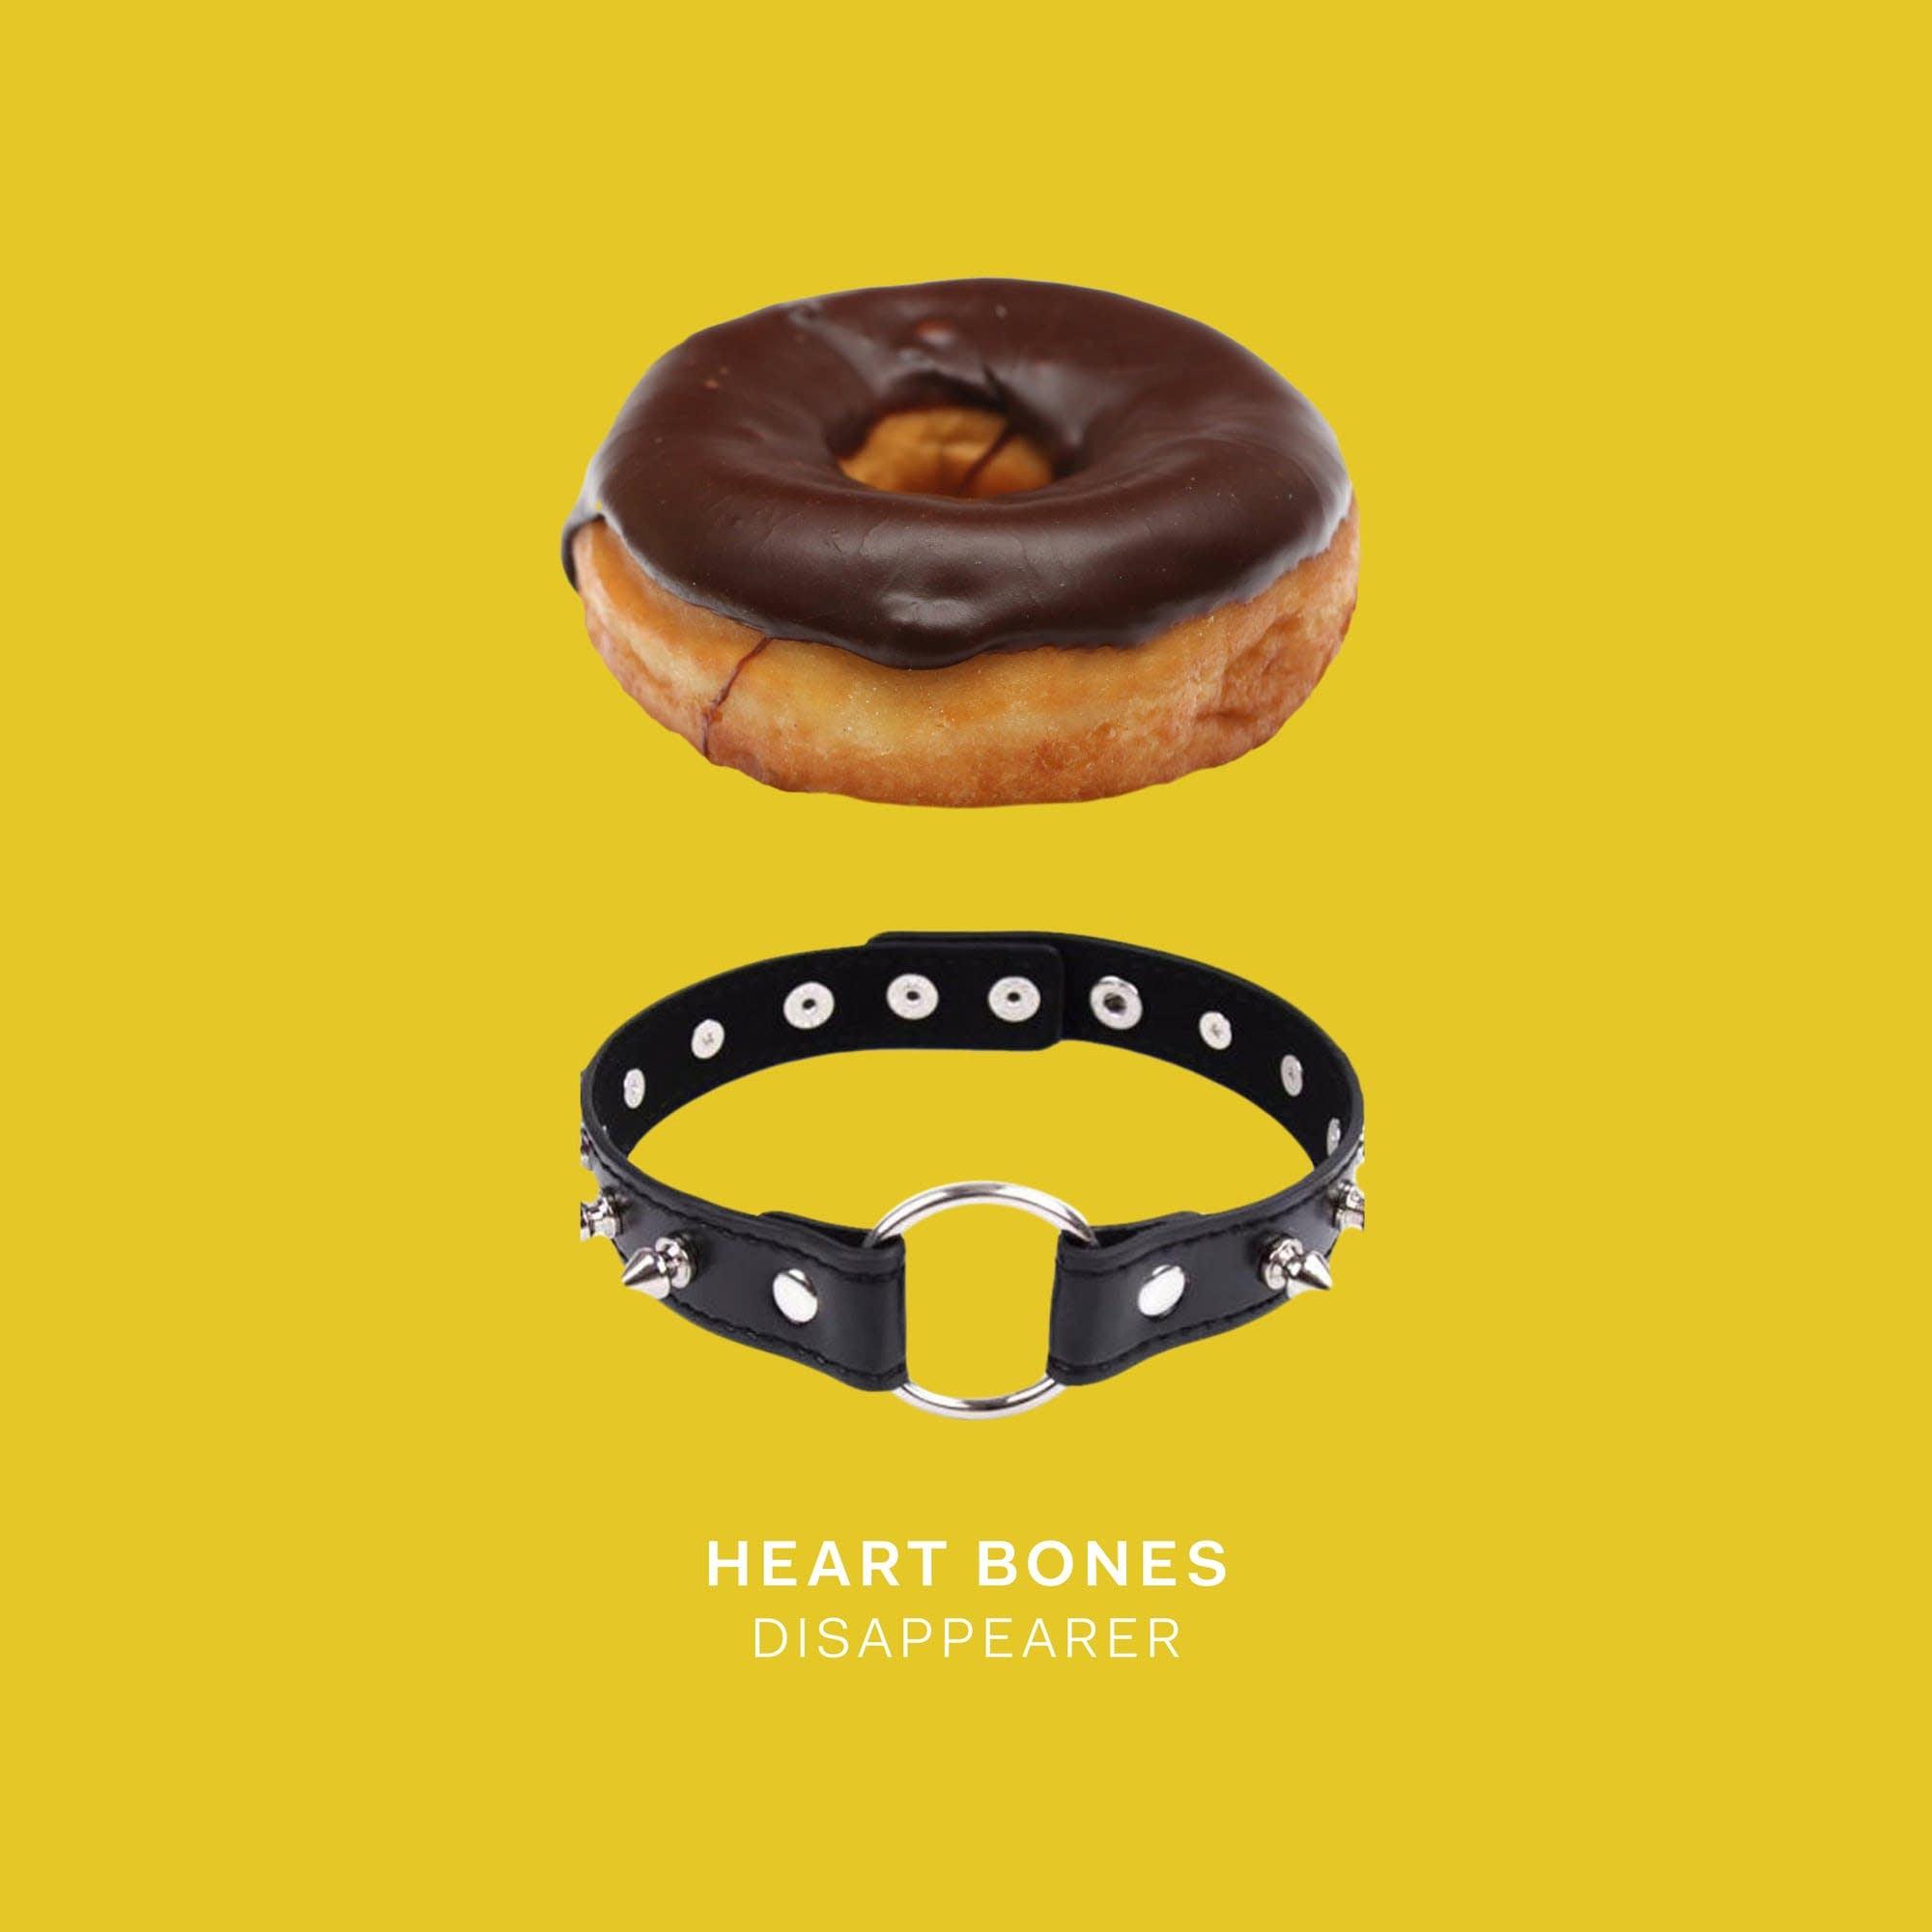 Heart Bones, 'Disappearer'